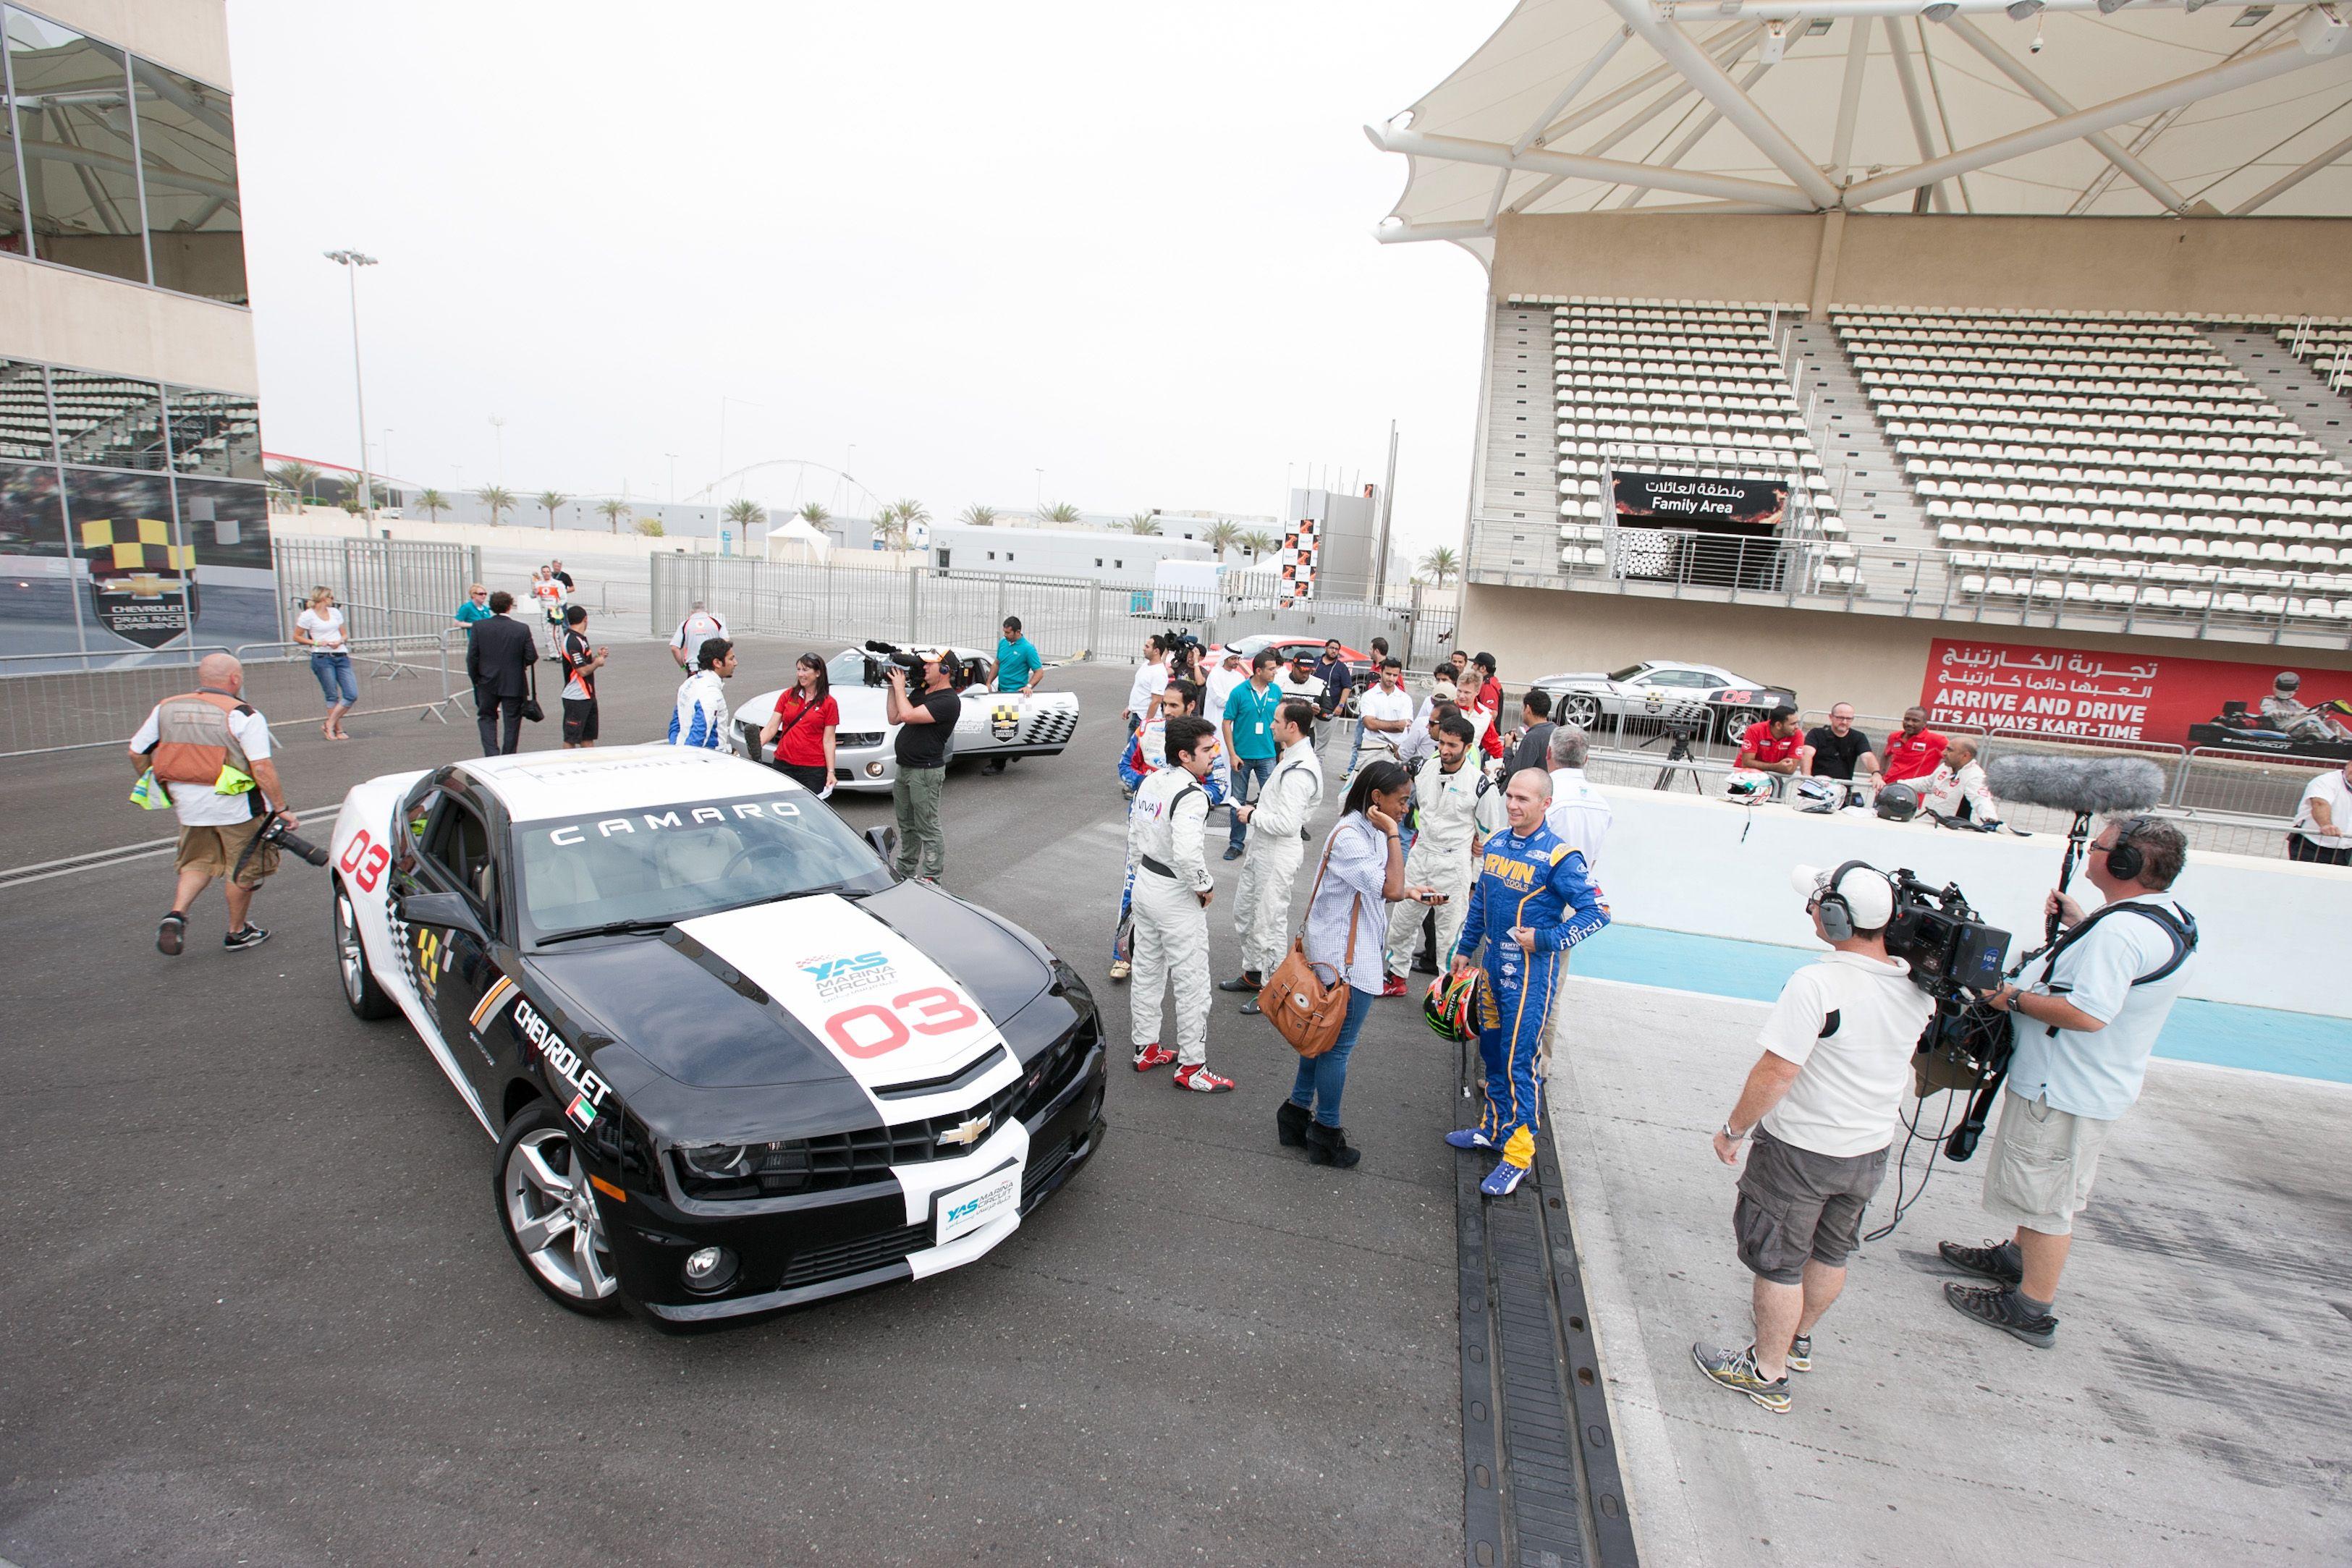 Pin On Australian V8 Supercars At Yas Marina Circuit